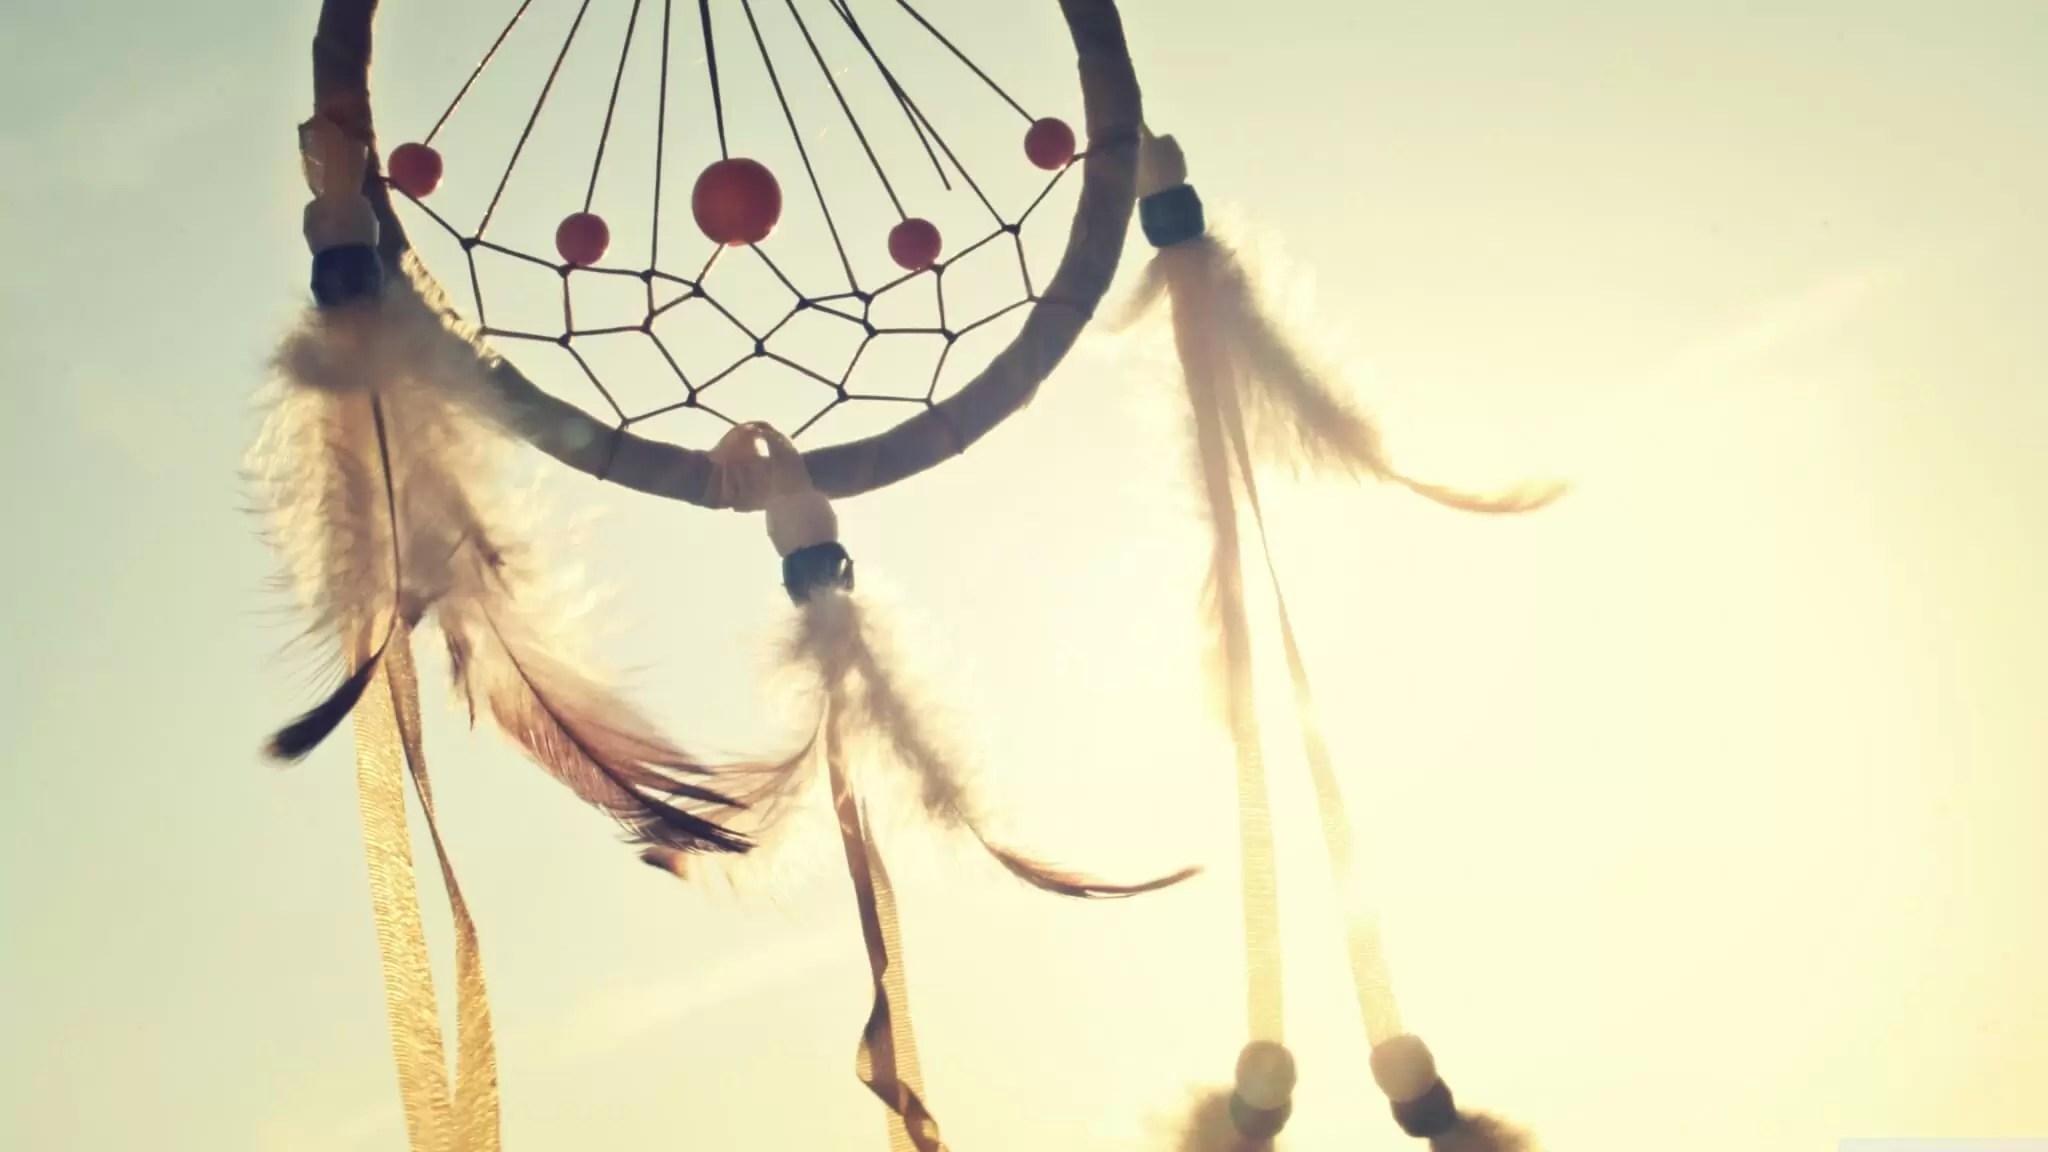 Un attrape rêves au soleil.